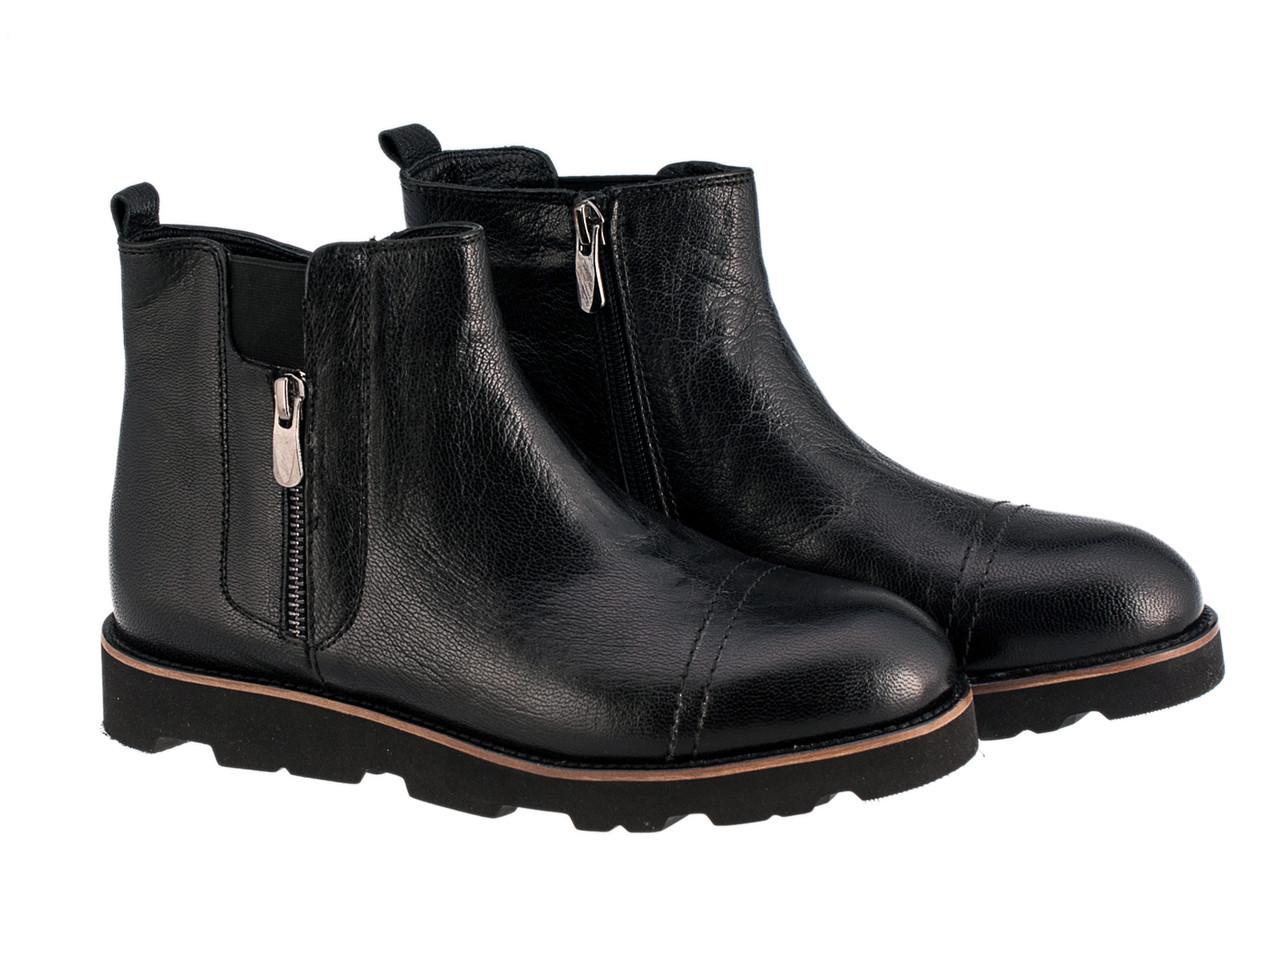 Ботинки Etor 5673-09119-766 36 черные